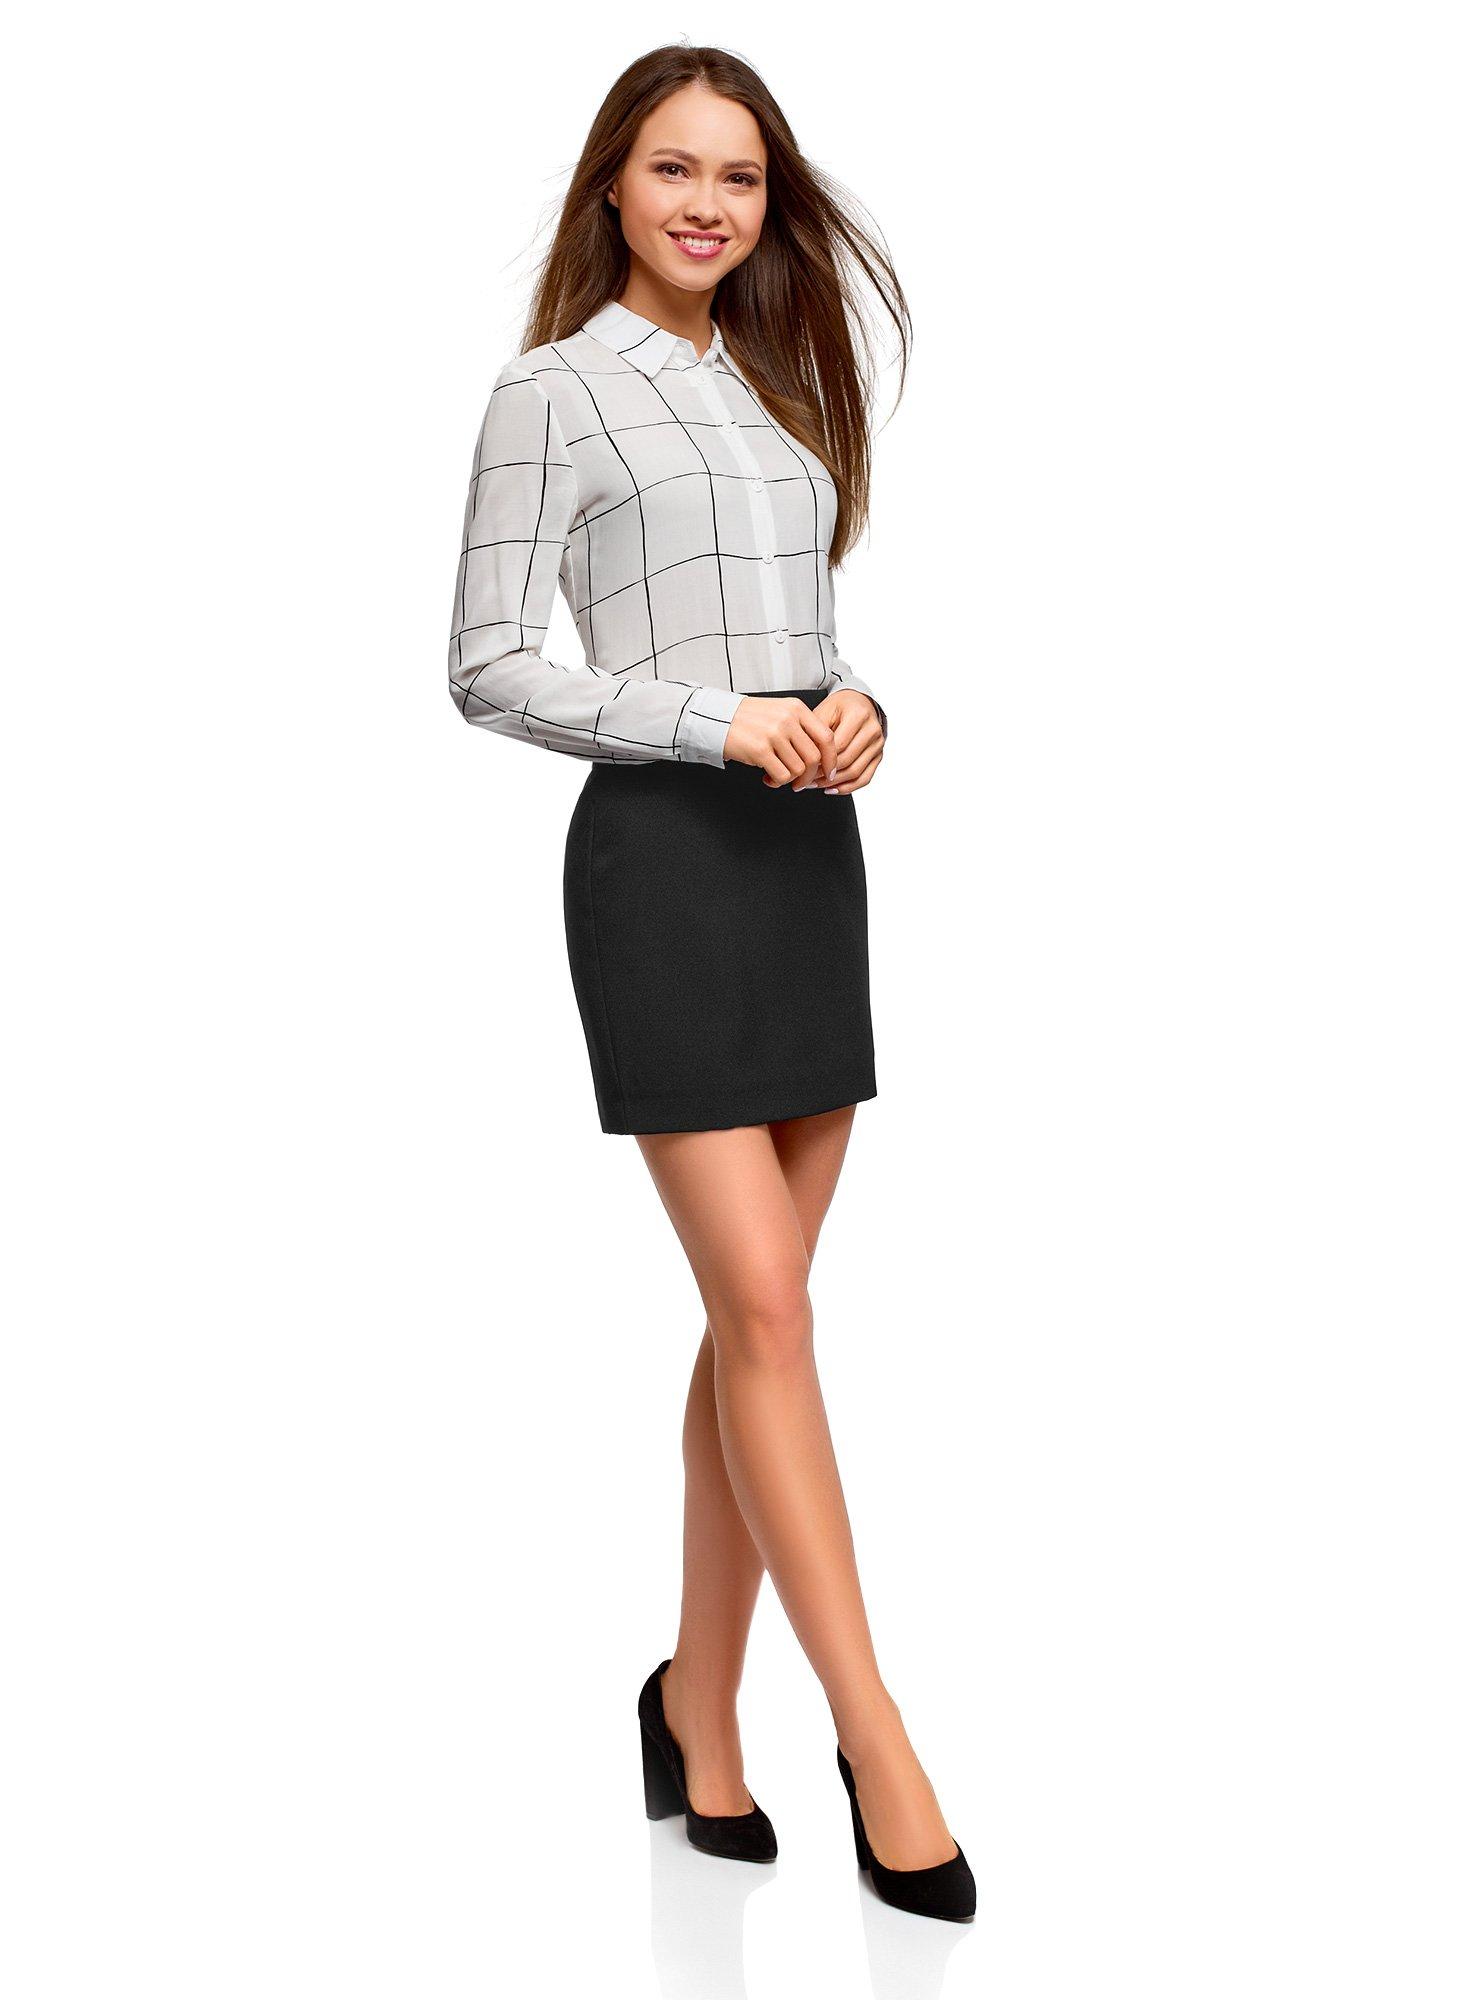 oodji Ultra Women's Basic Short Skirt, Black, 6 by oodji (Image #6)